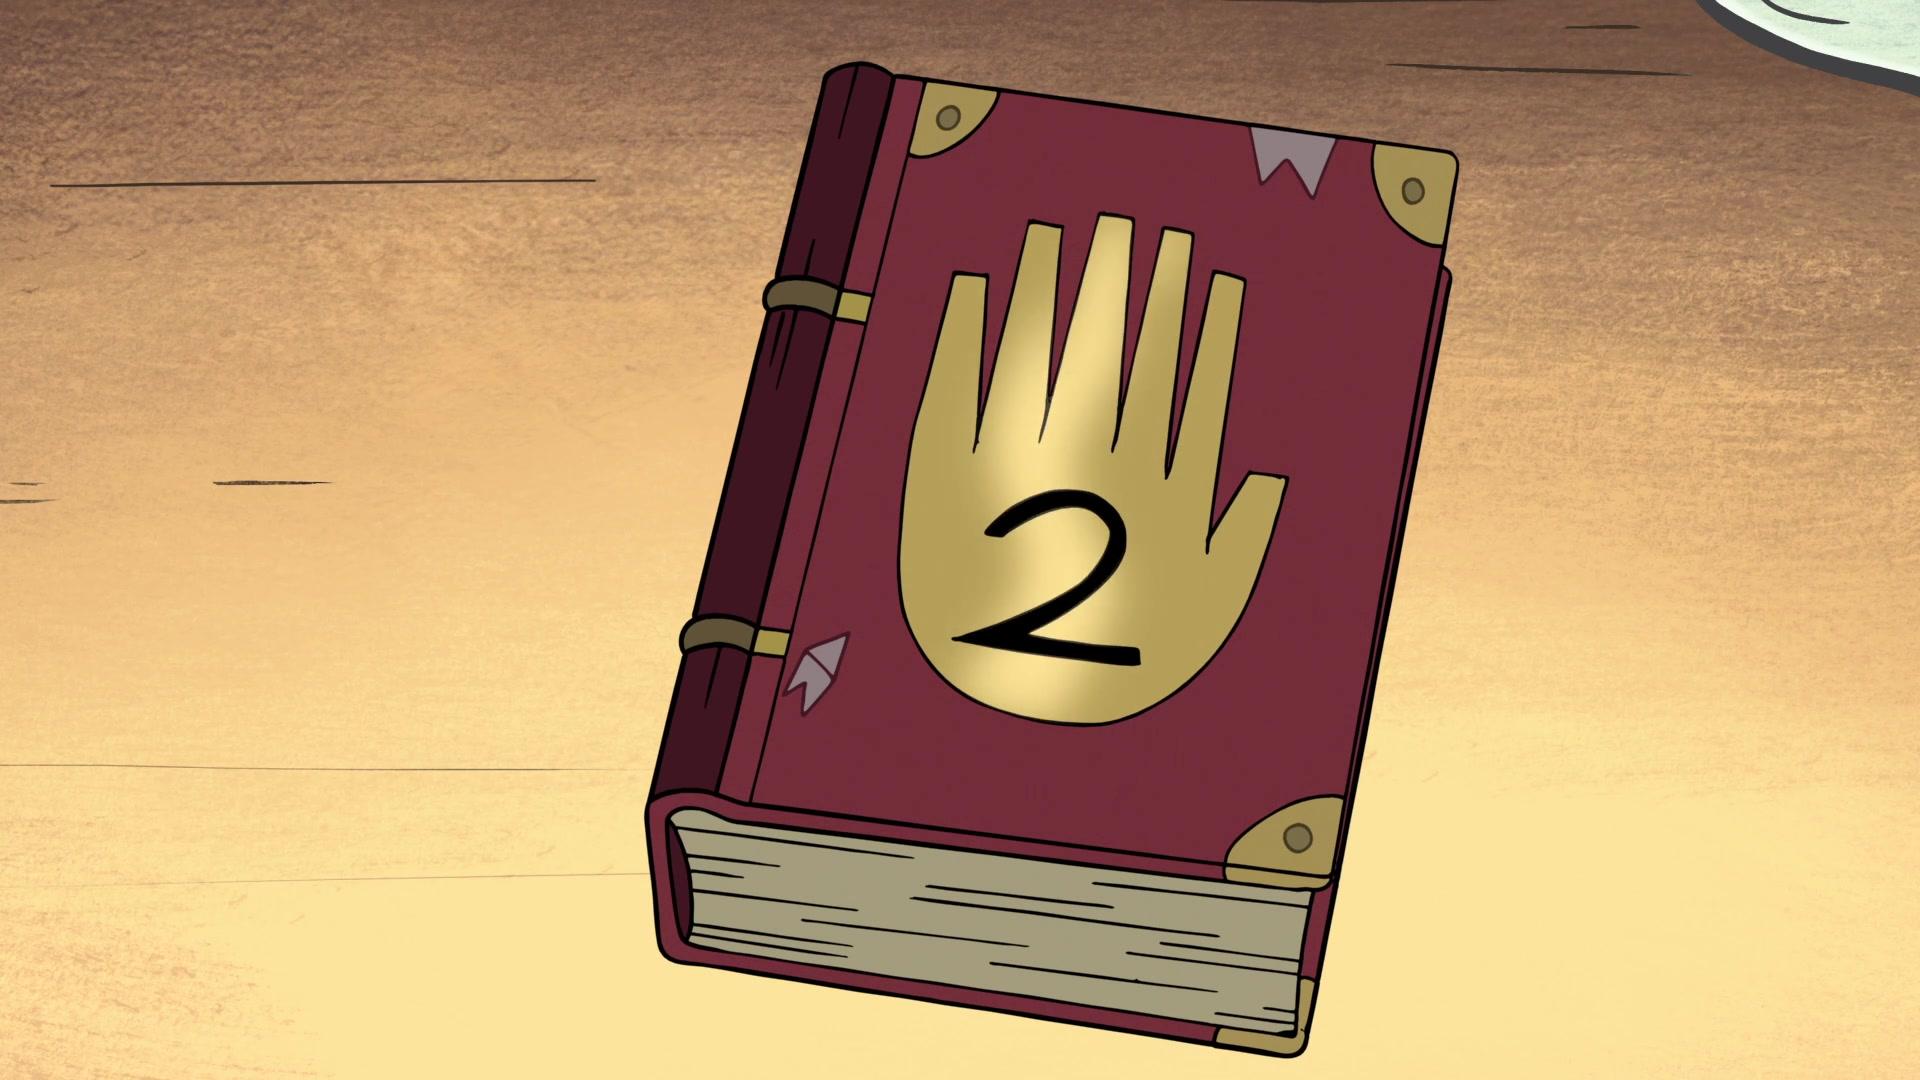 дневник фолз второй картинки гравити